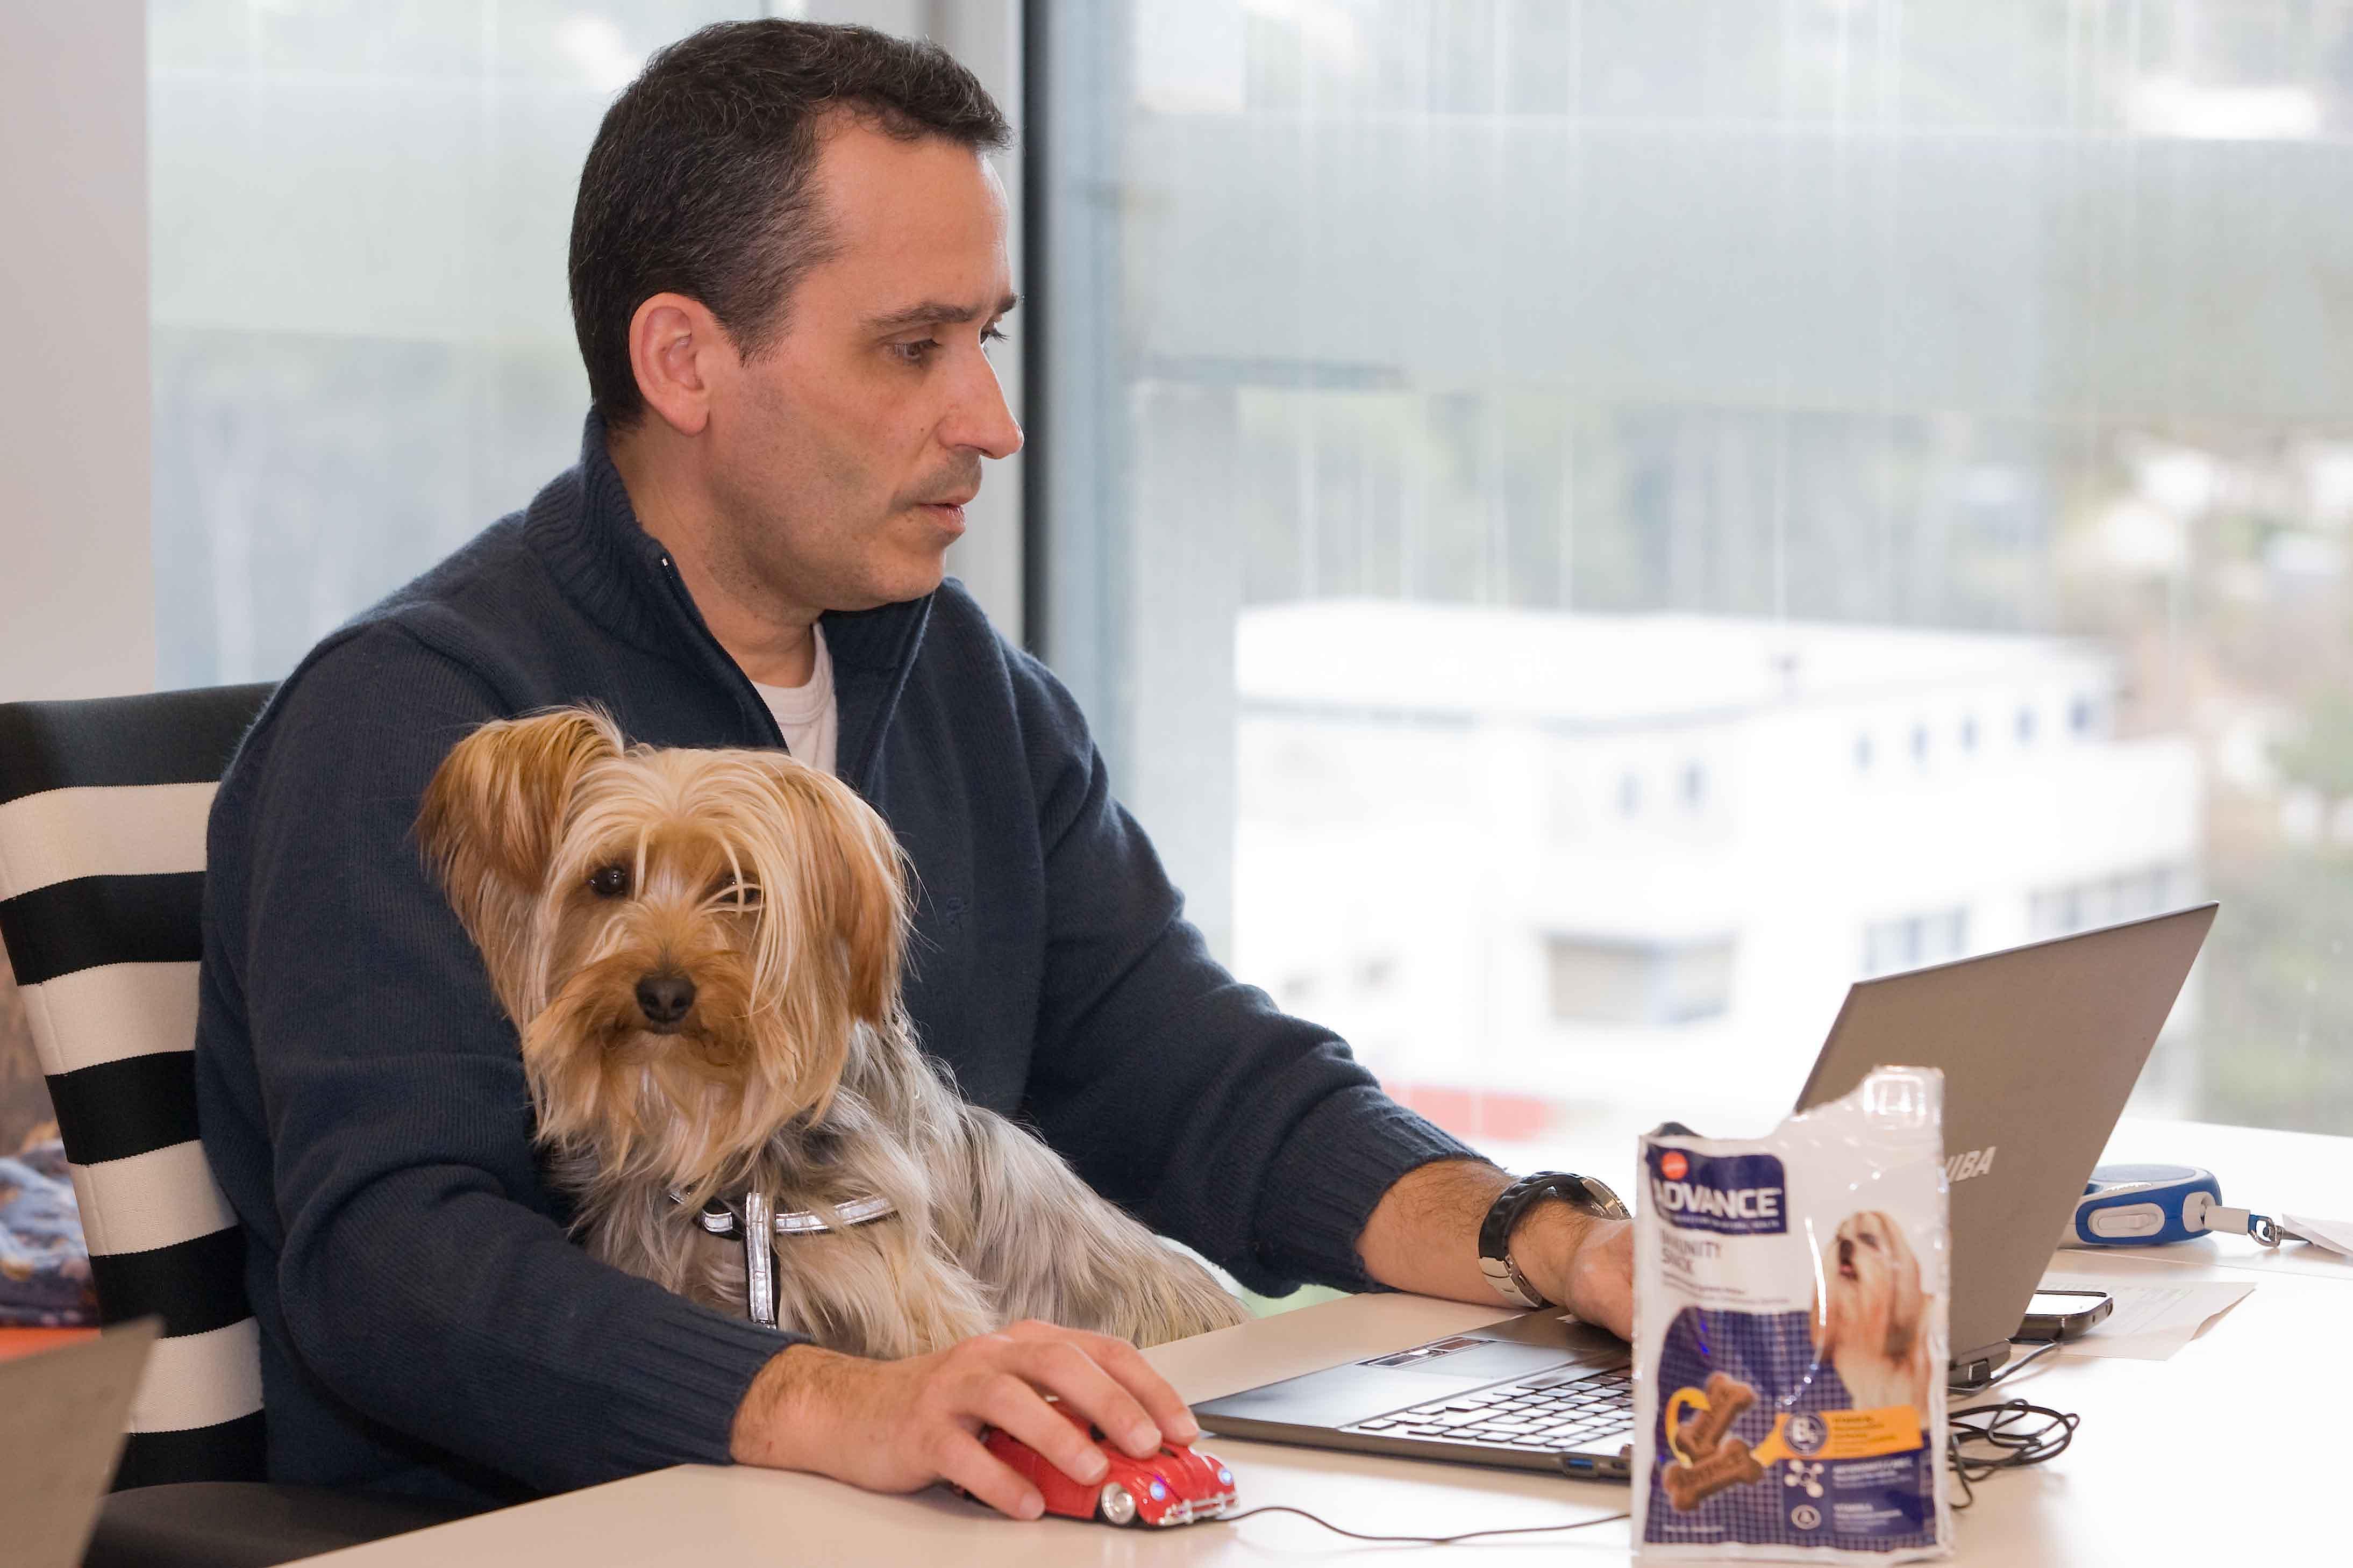 Beneficios de permitir mascotas en el trabajo